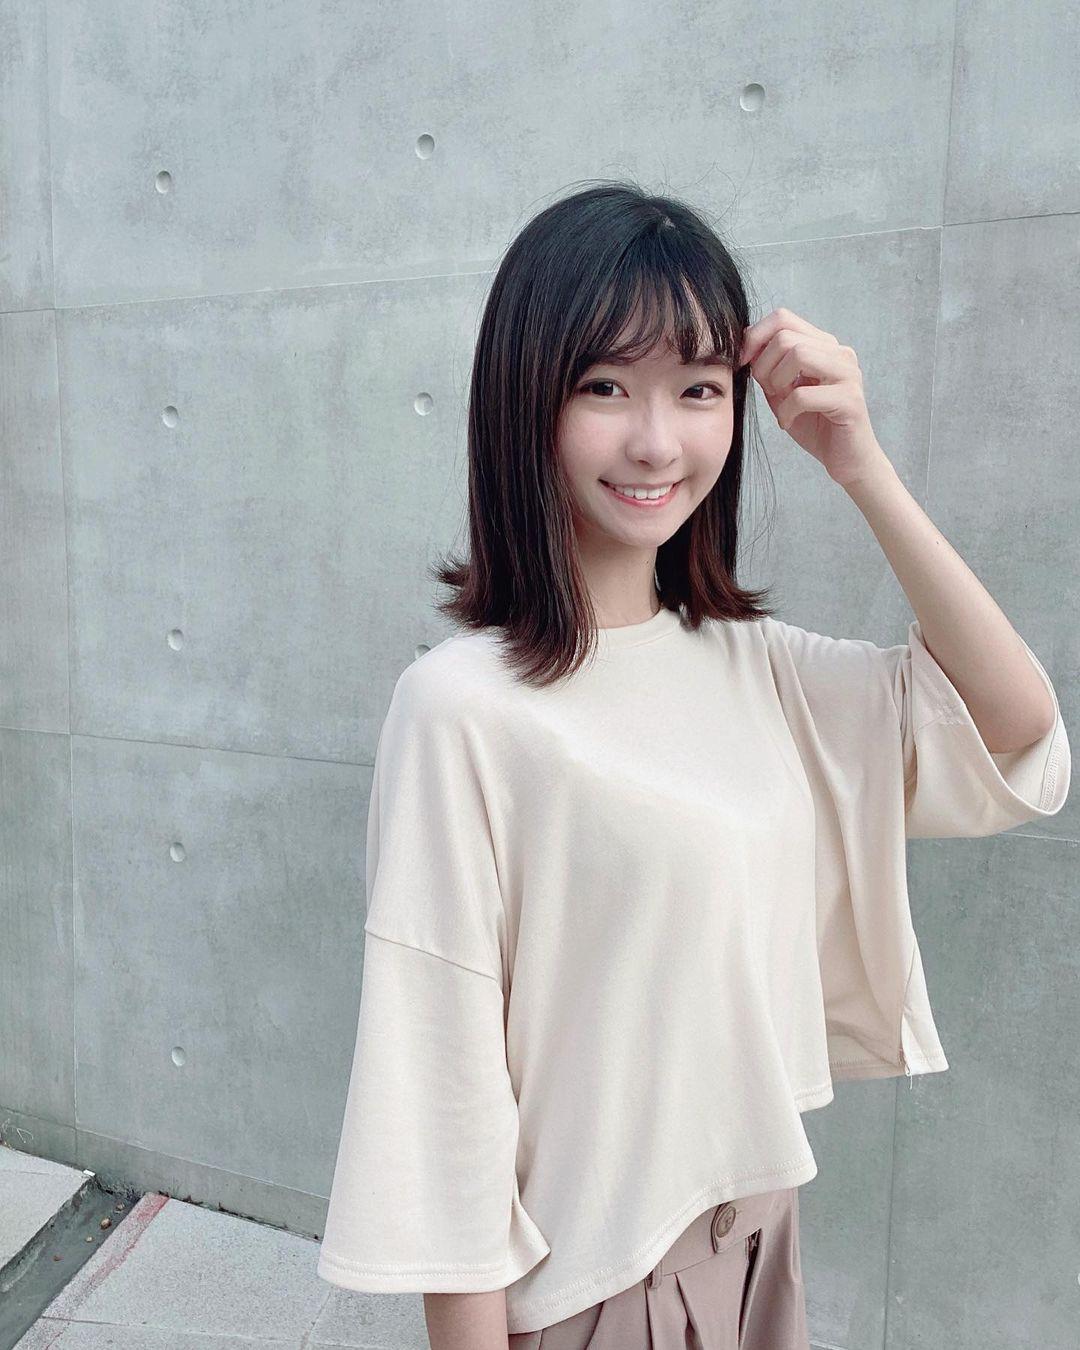 音乐女神@林涵钰Ruri拥有一双会笑的眼睛,个人照太可爱了 文章 第8张